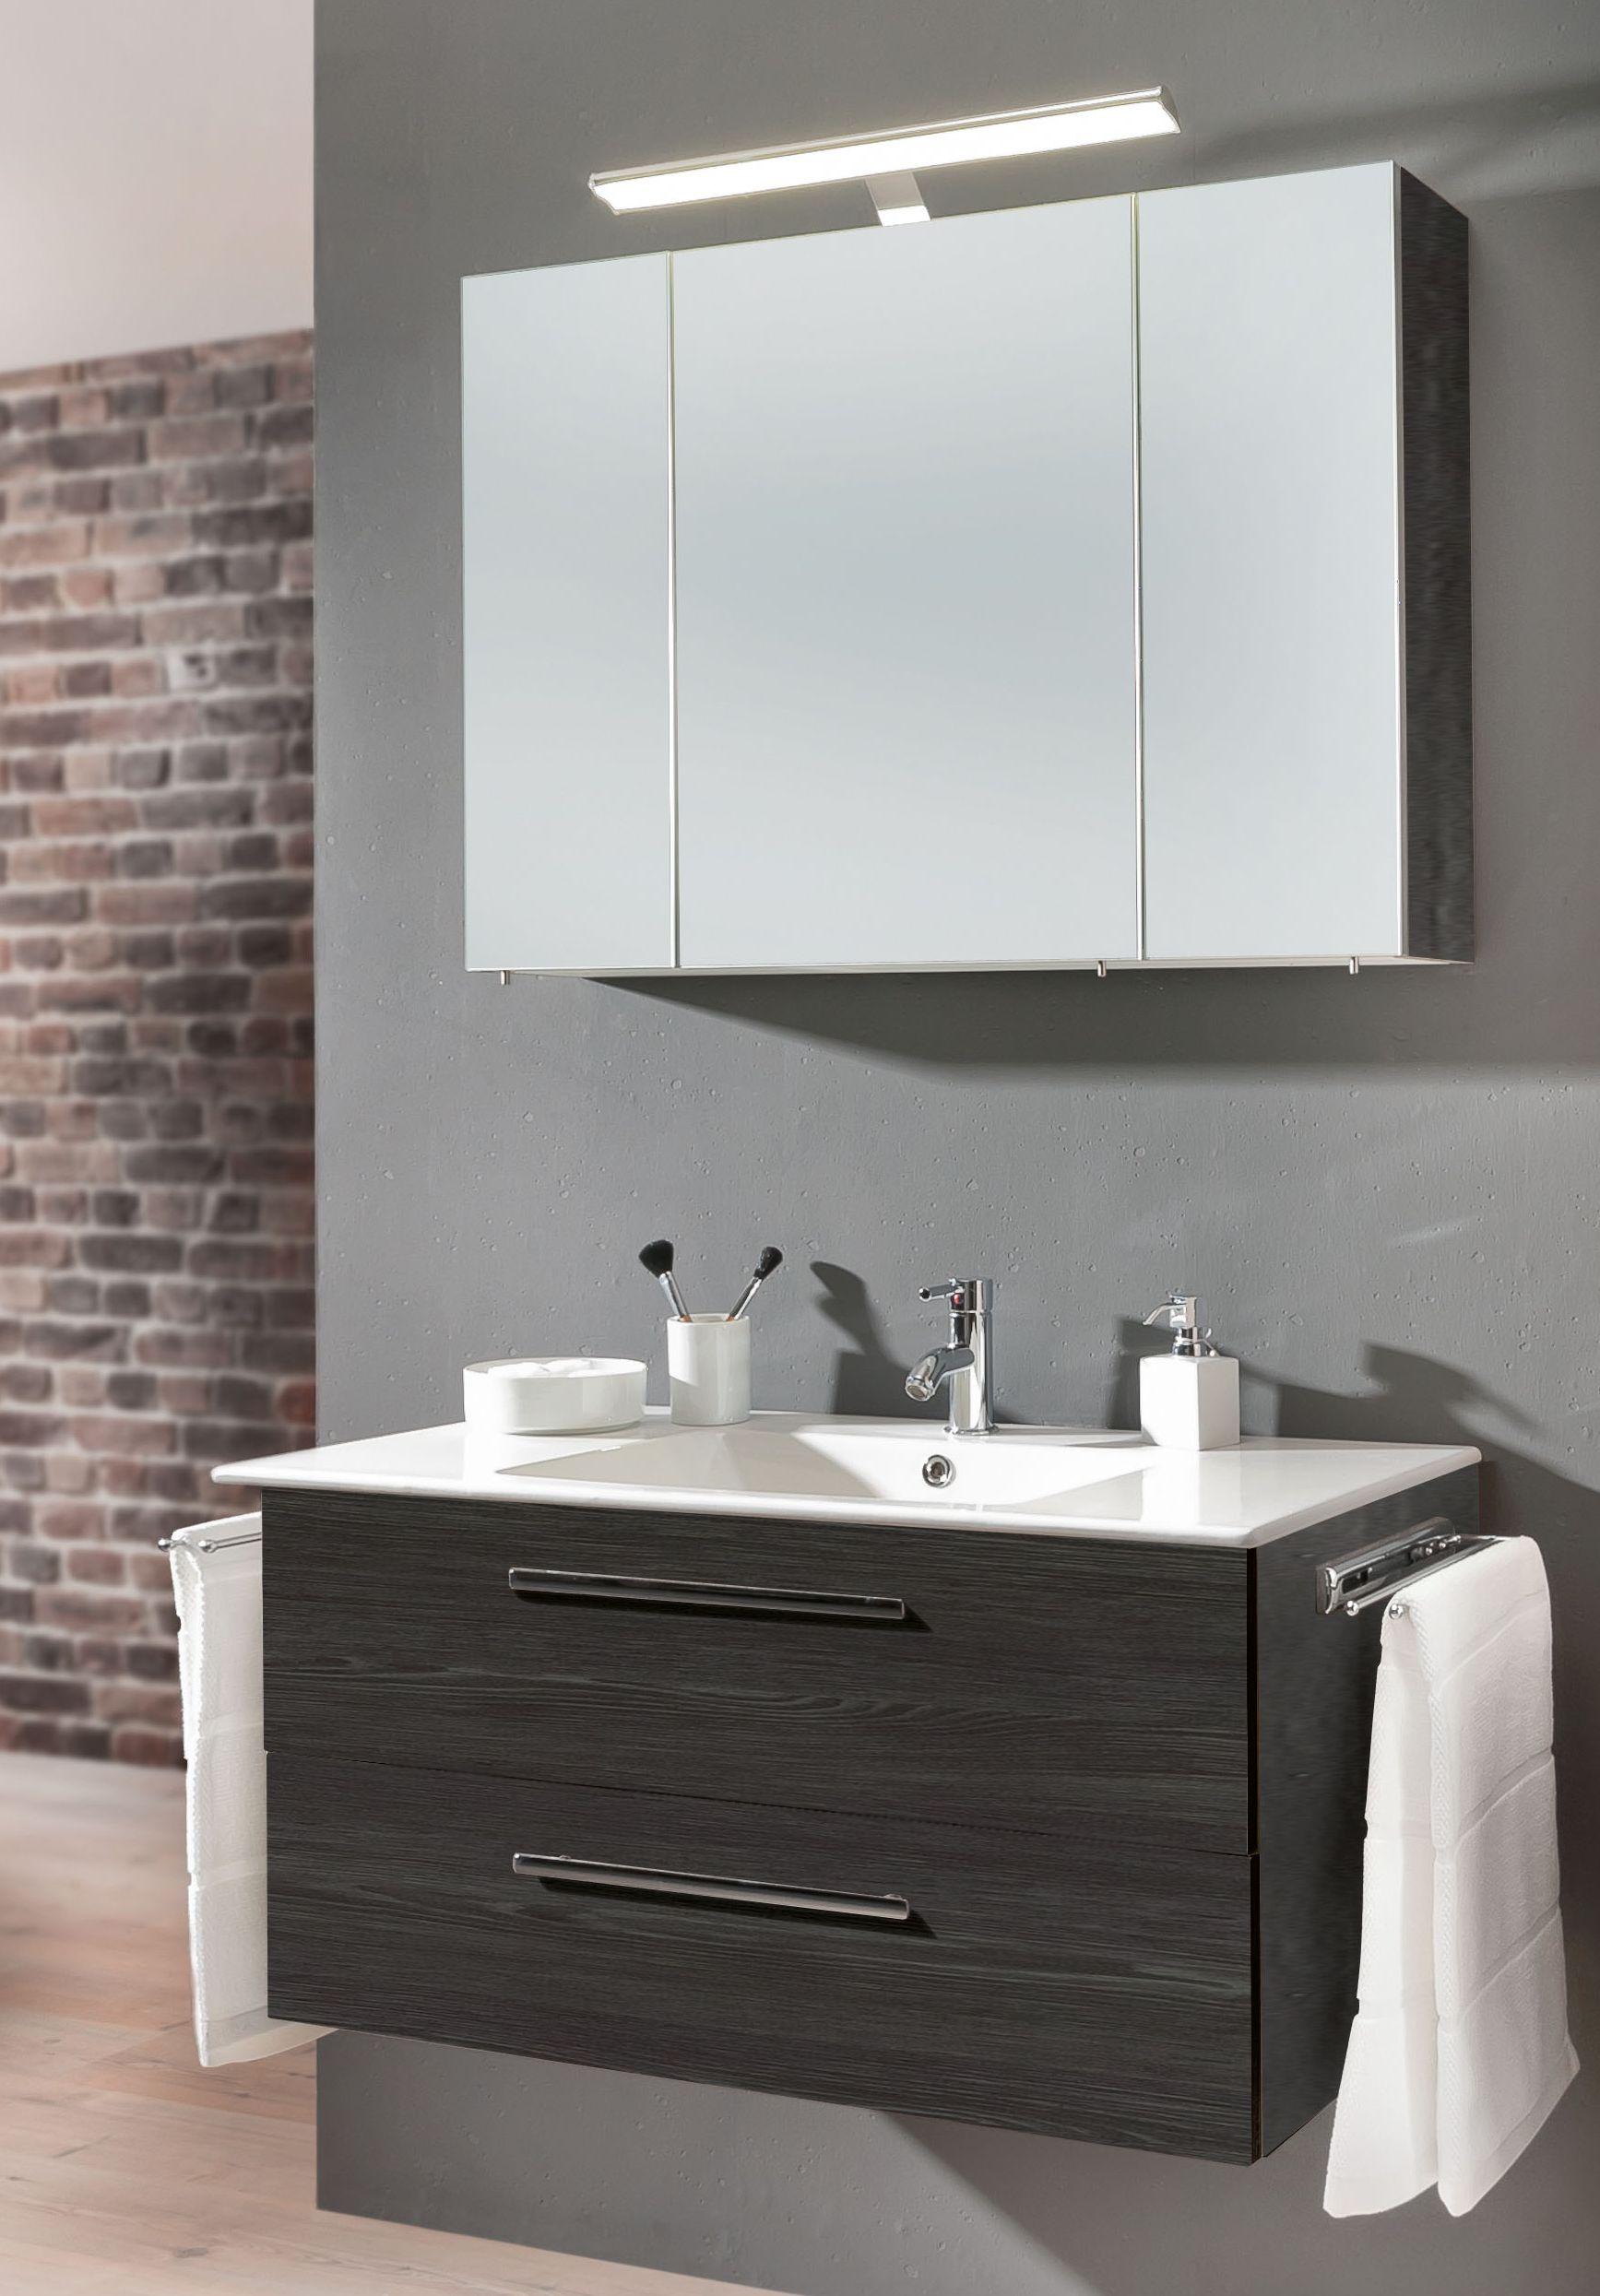 marlin bad 3030 christall 100 cm kombination 1 g nstig kaufen m bel universum. Black Bedroom Furniture Sets. Home Design Ideas